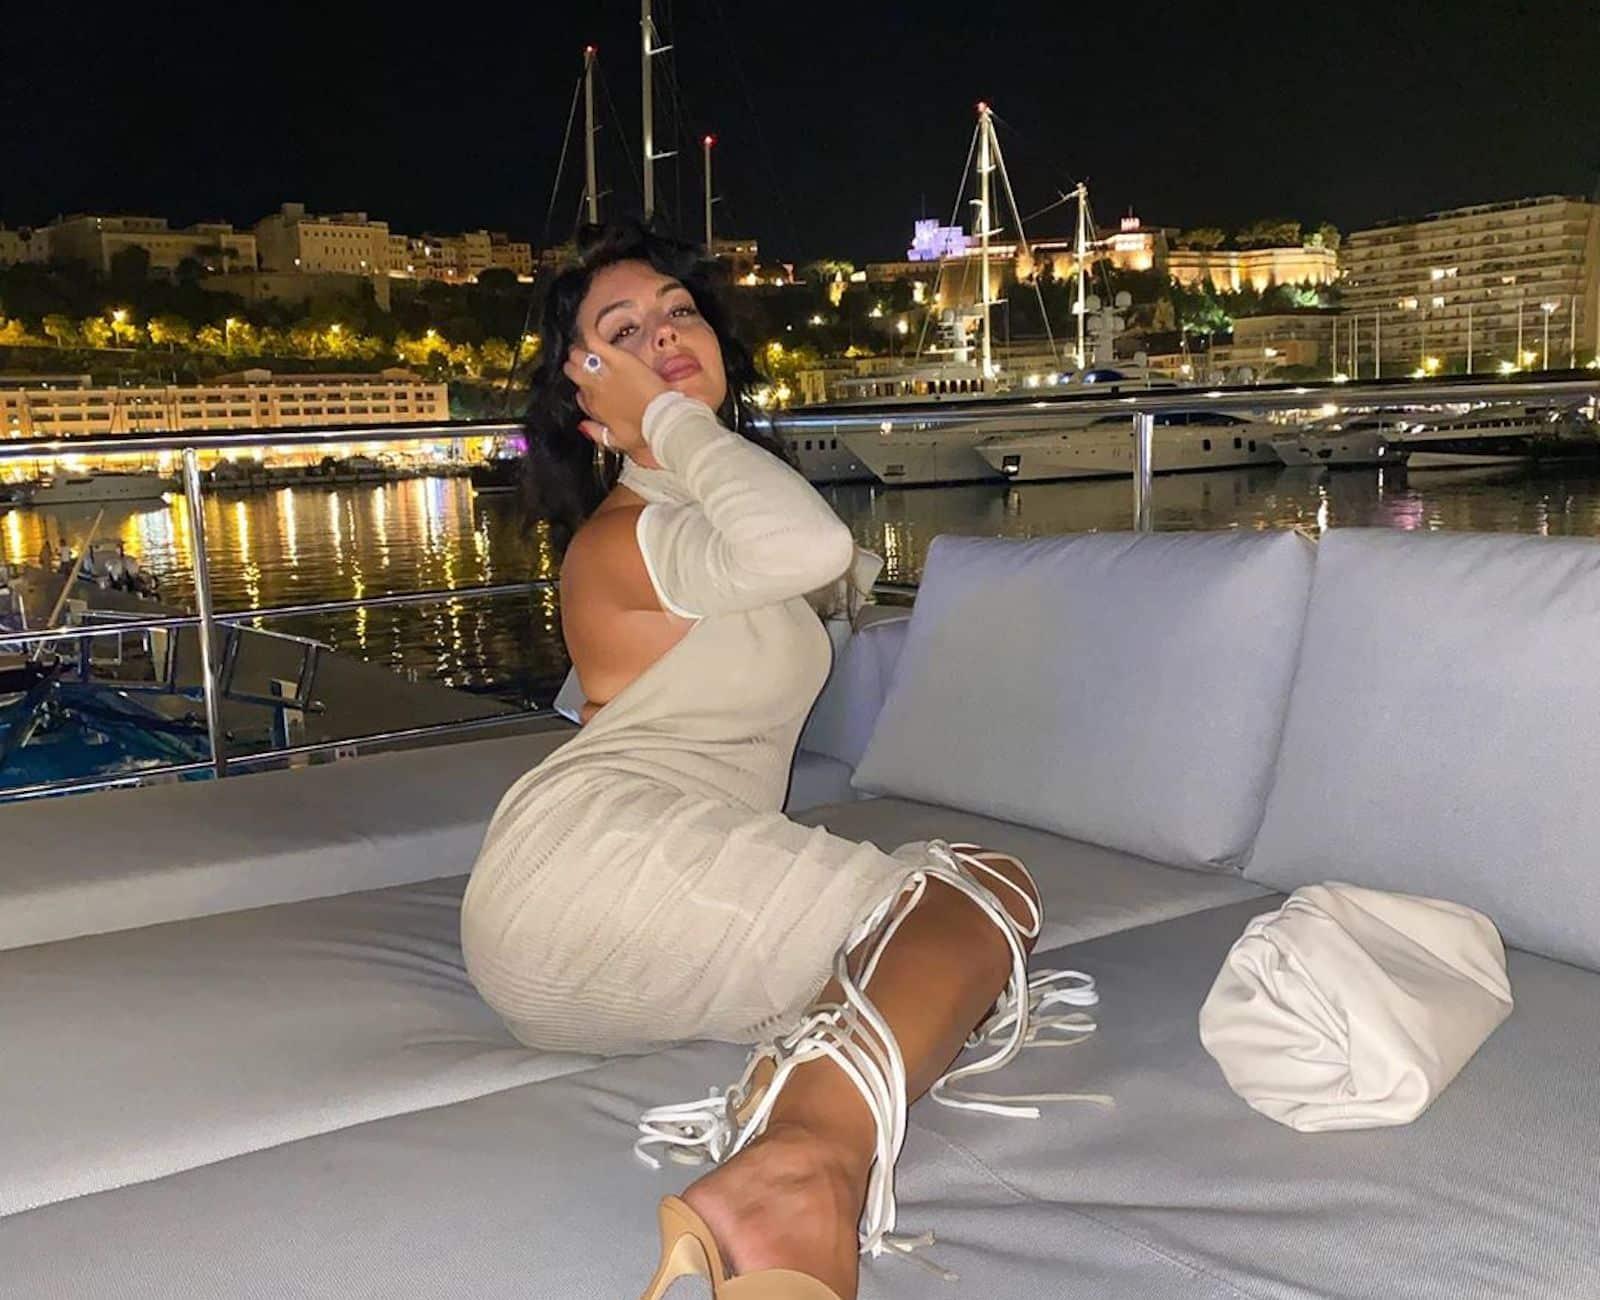 georgina-rodriguez-iate-pose